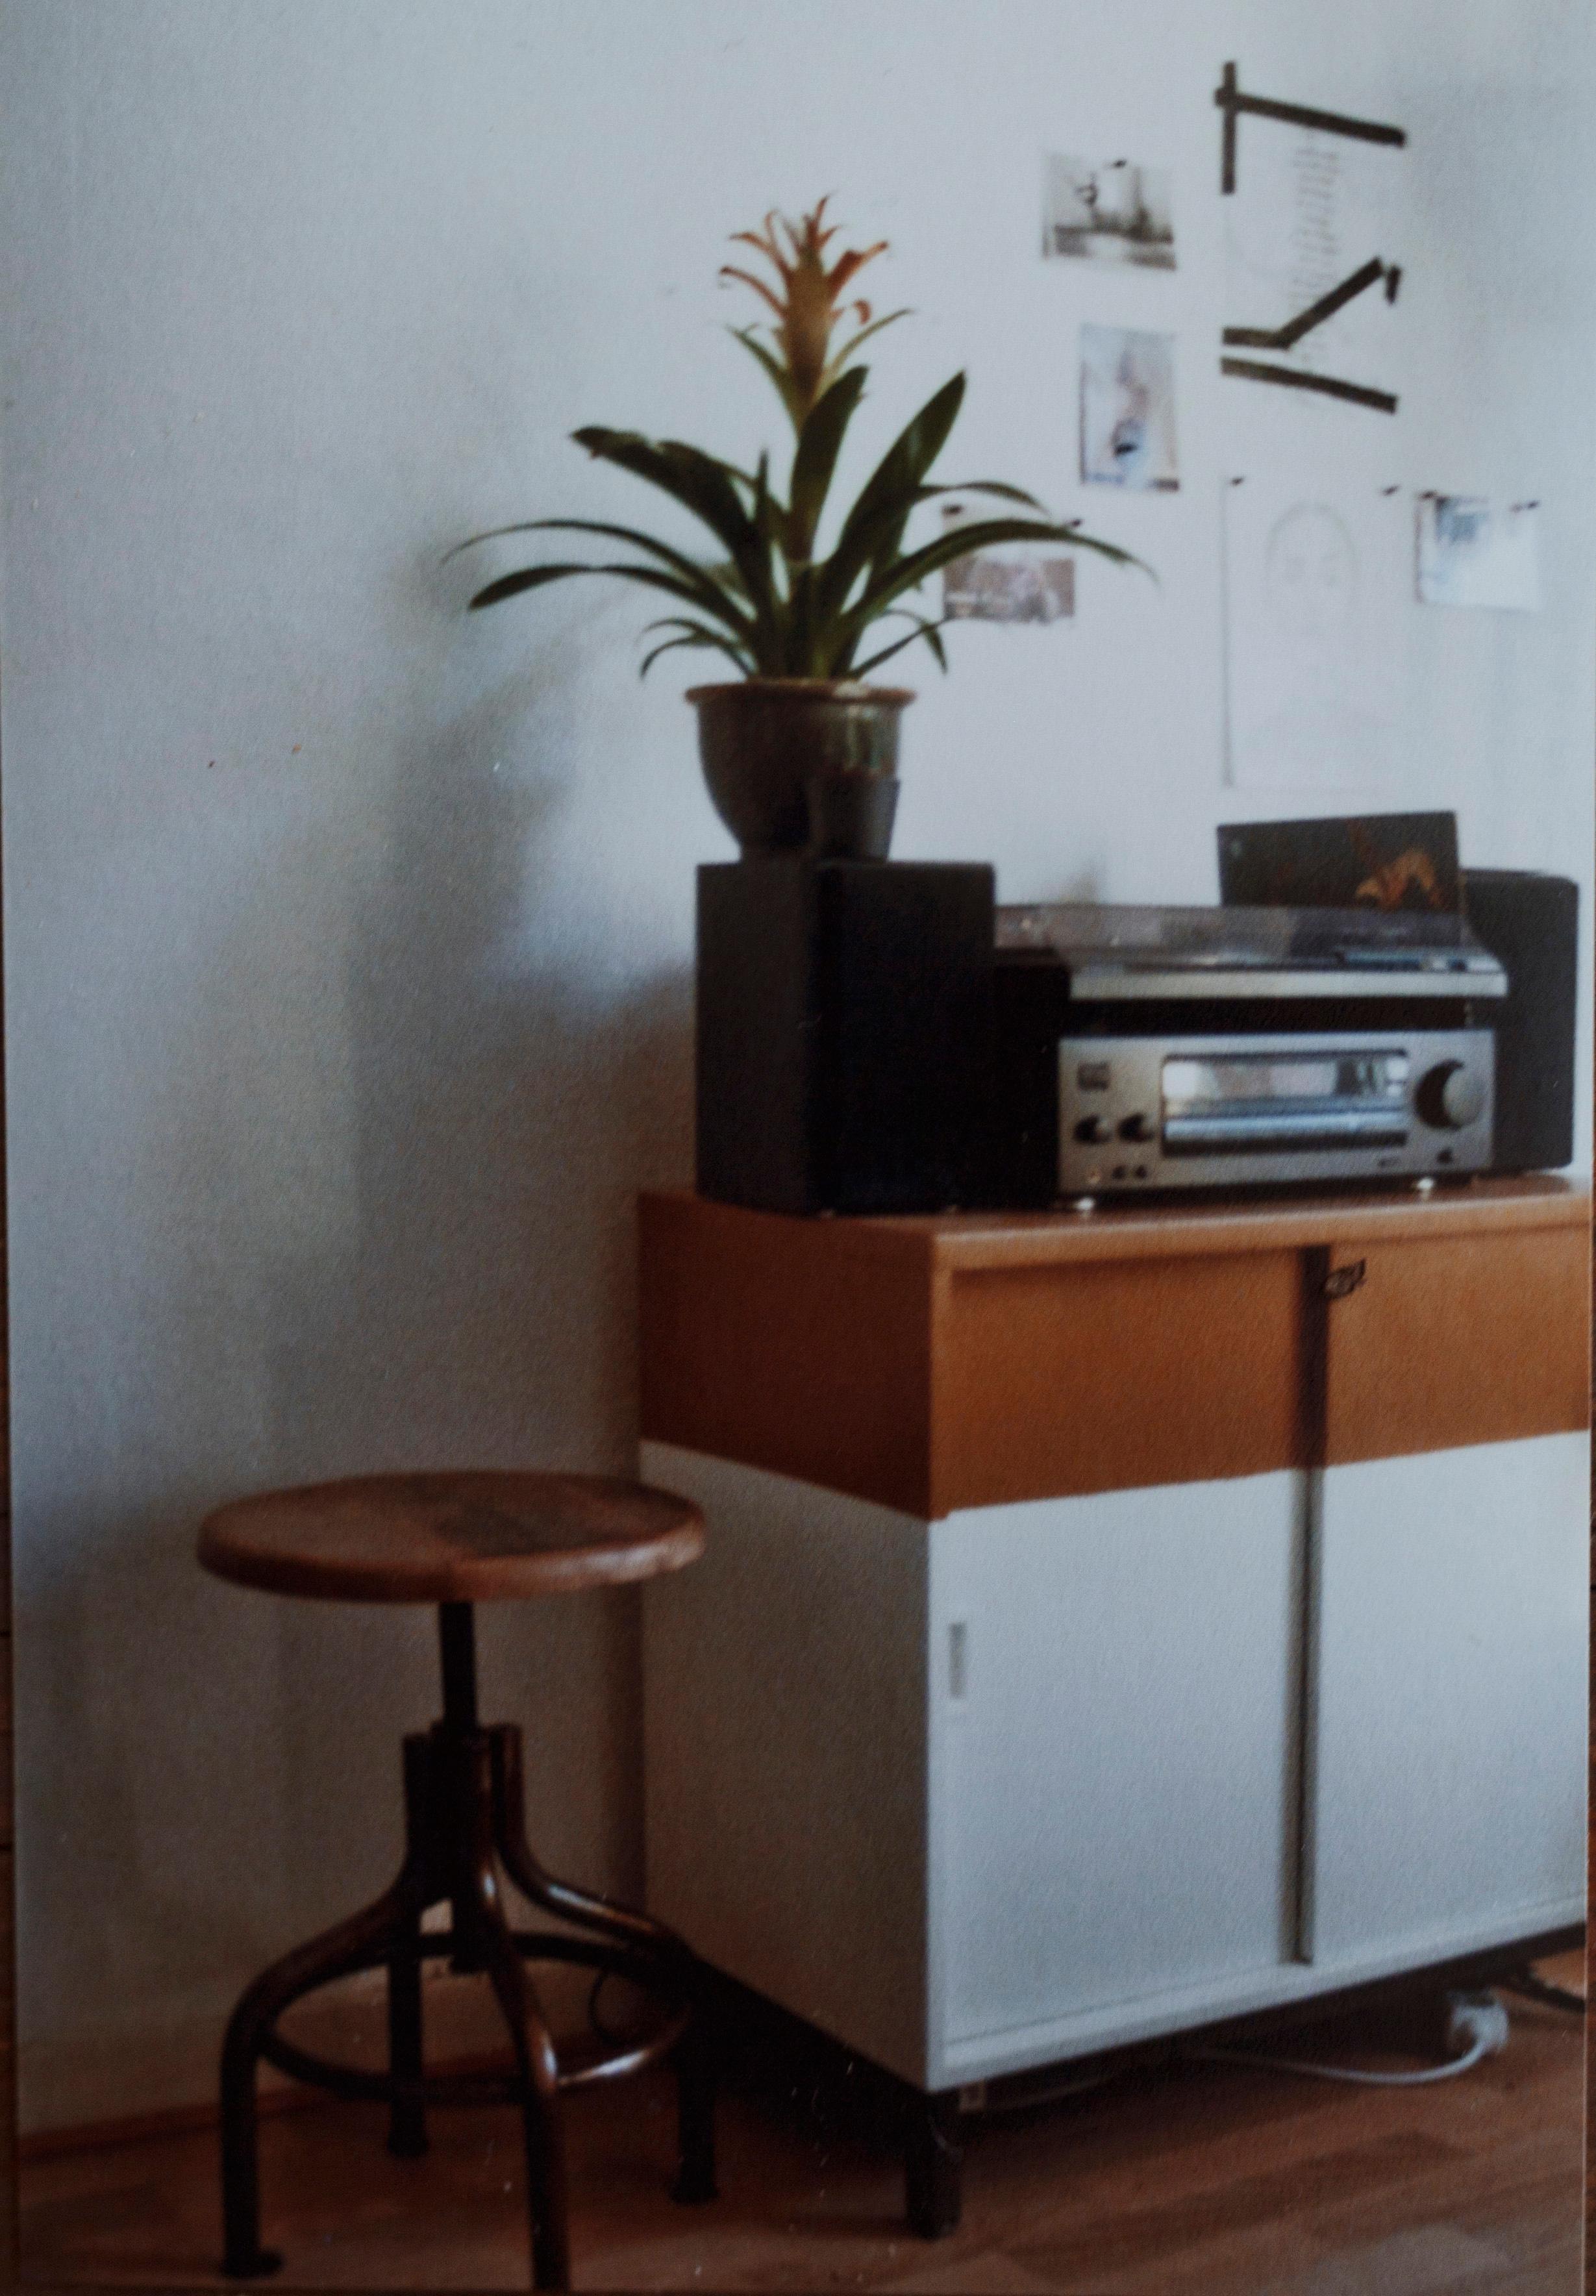 Meine Susse Kleine Kommode Interior Vintage Home